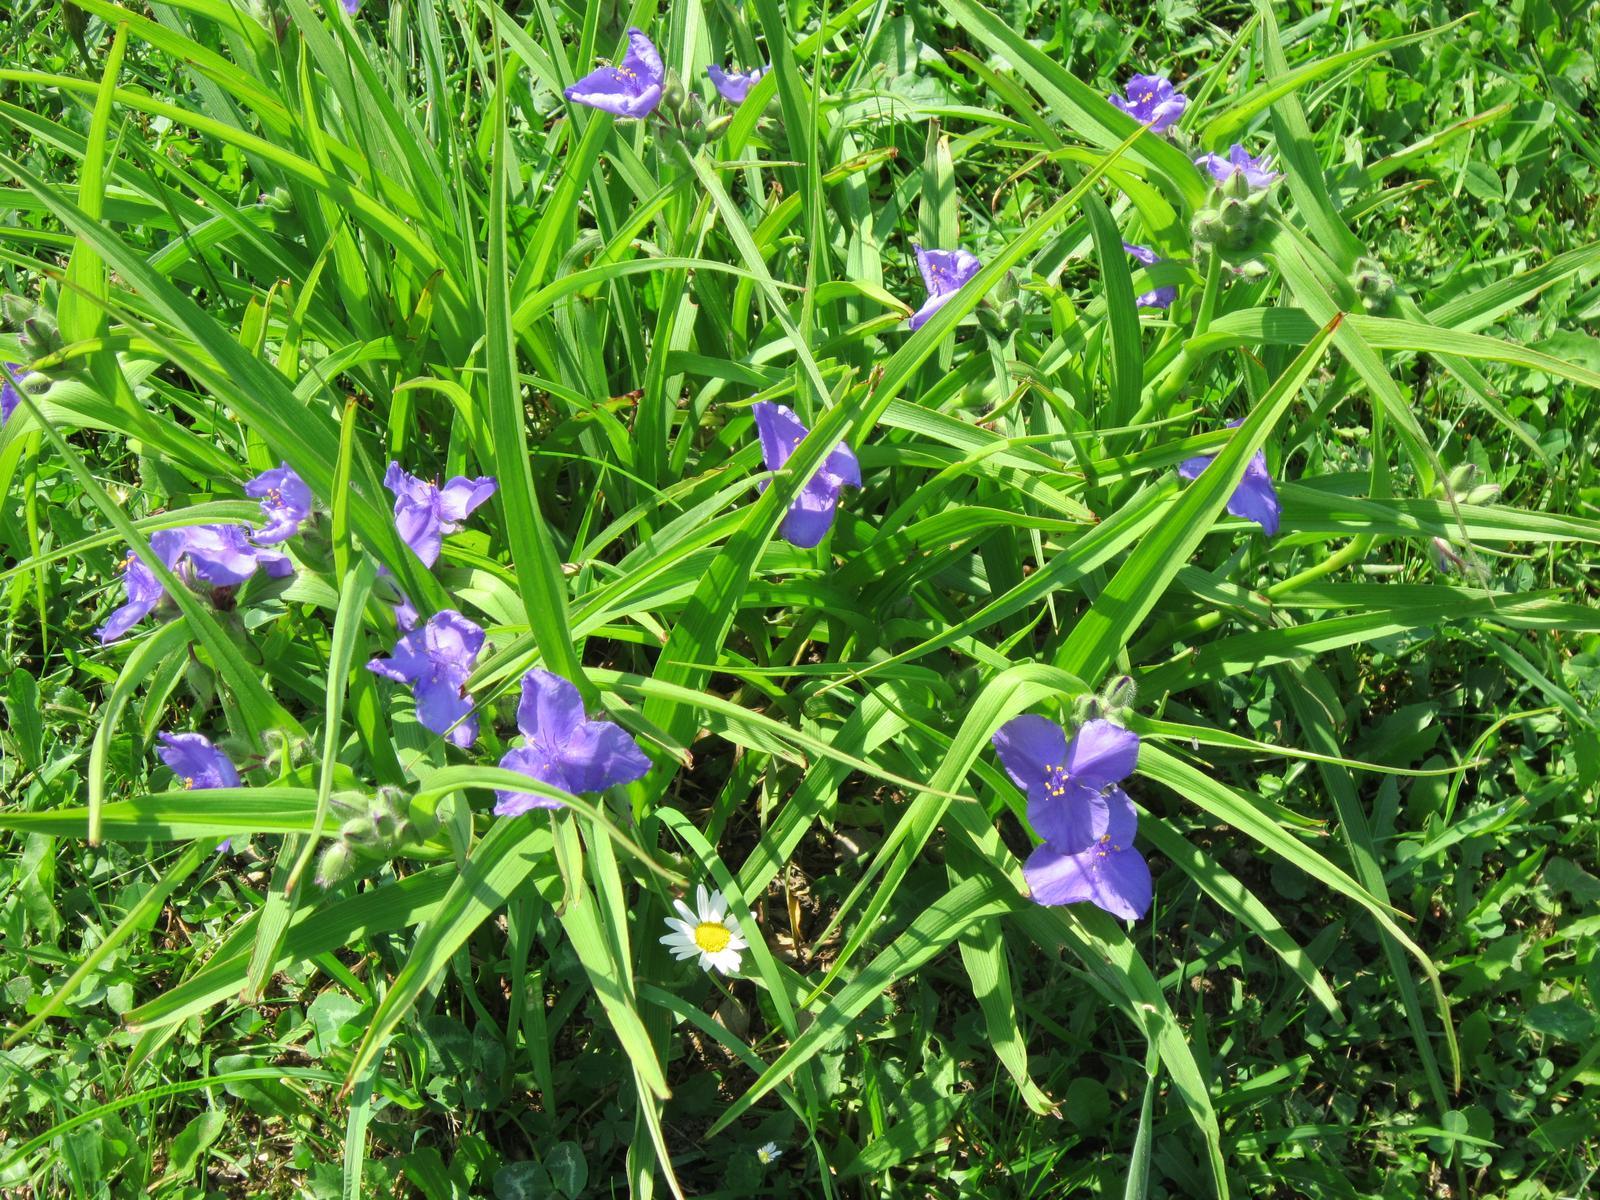 Moja záhrada...ako šiel čas - Obrázok č. 85